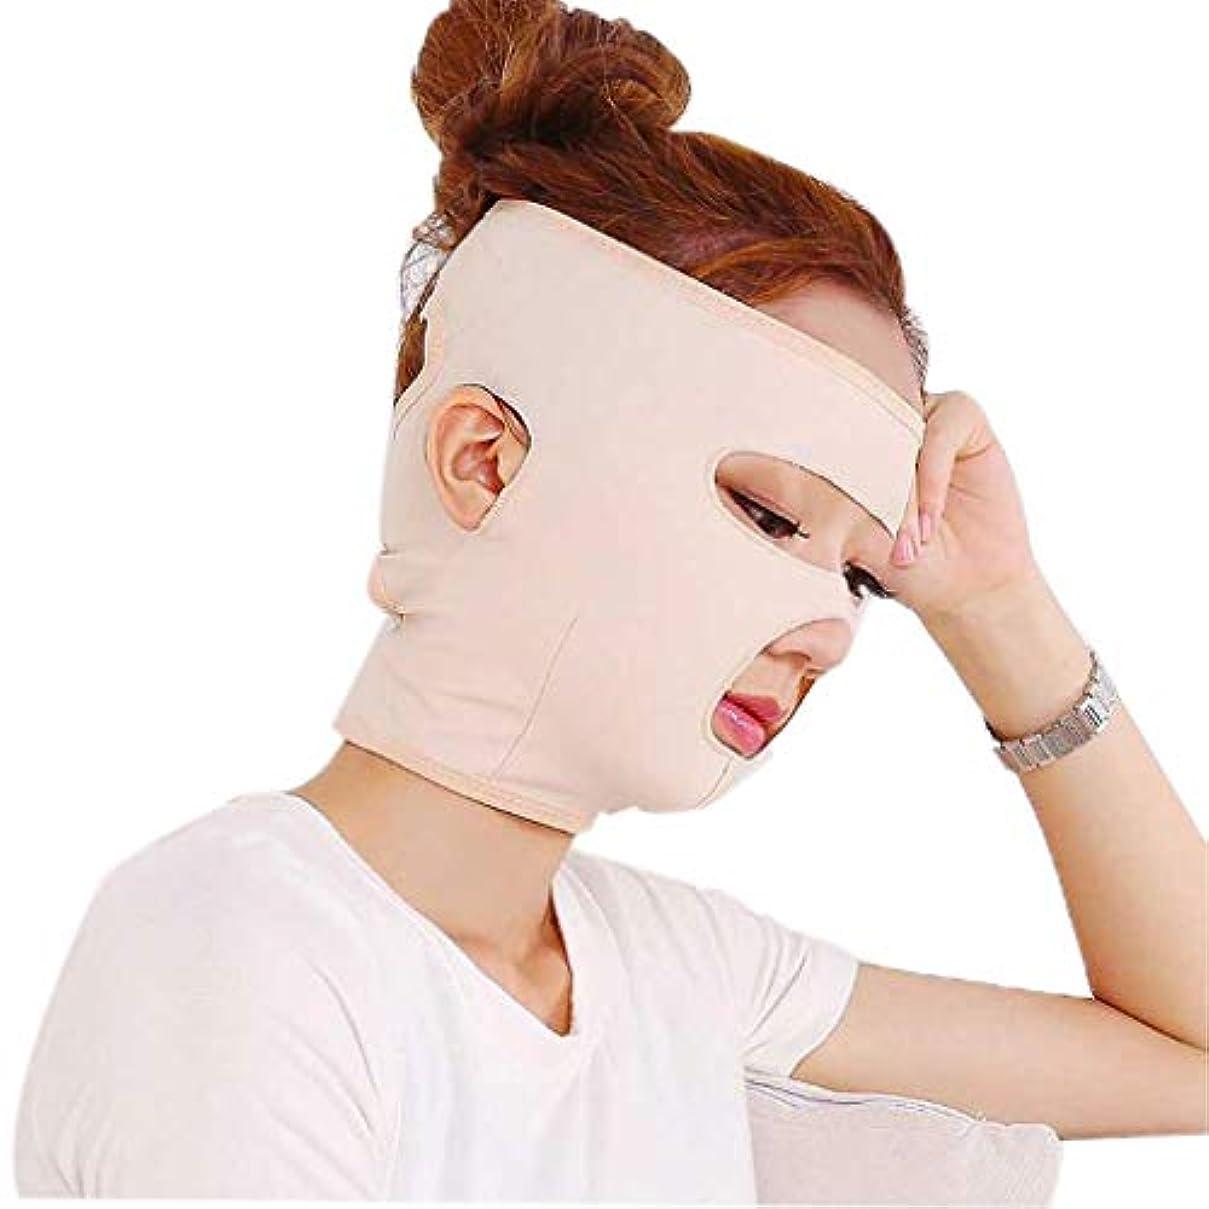 支給見込み伝統的GLJJQMY フェイシャルリフティングマスクフルフェイスブレスリカバリー回復包帯リフト引き締め肌リダクション小さなVマスクを作成する 顔用整形マスク (Size : M)